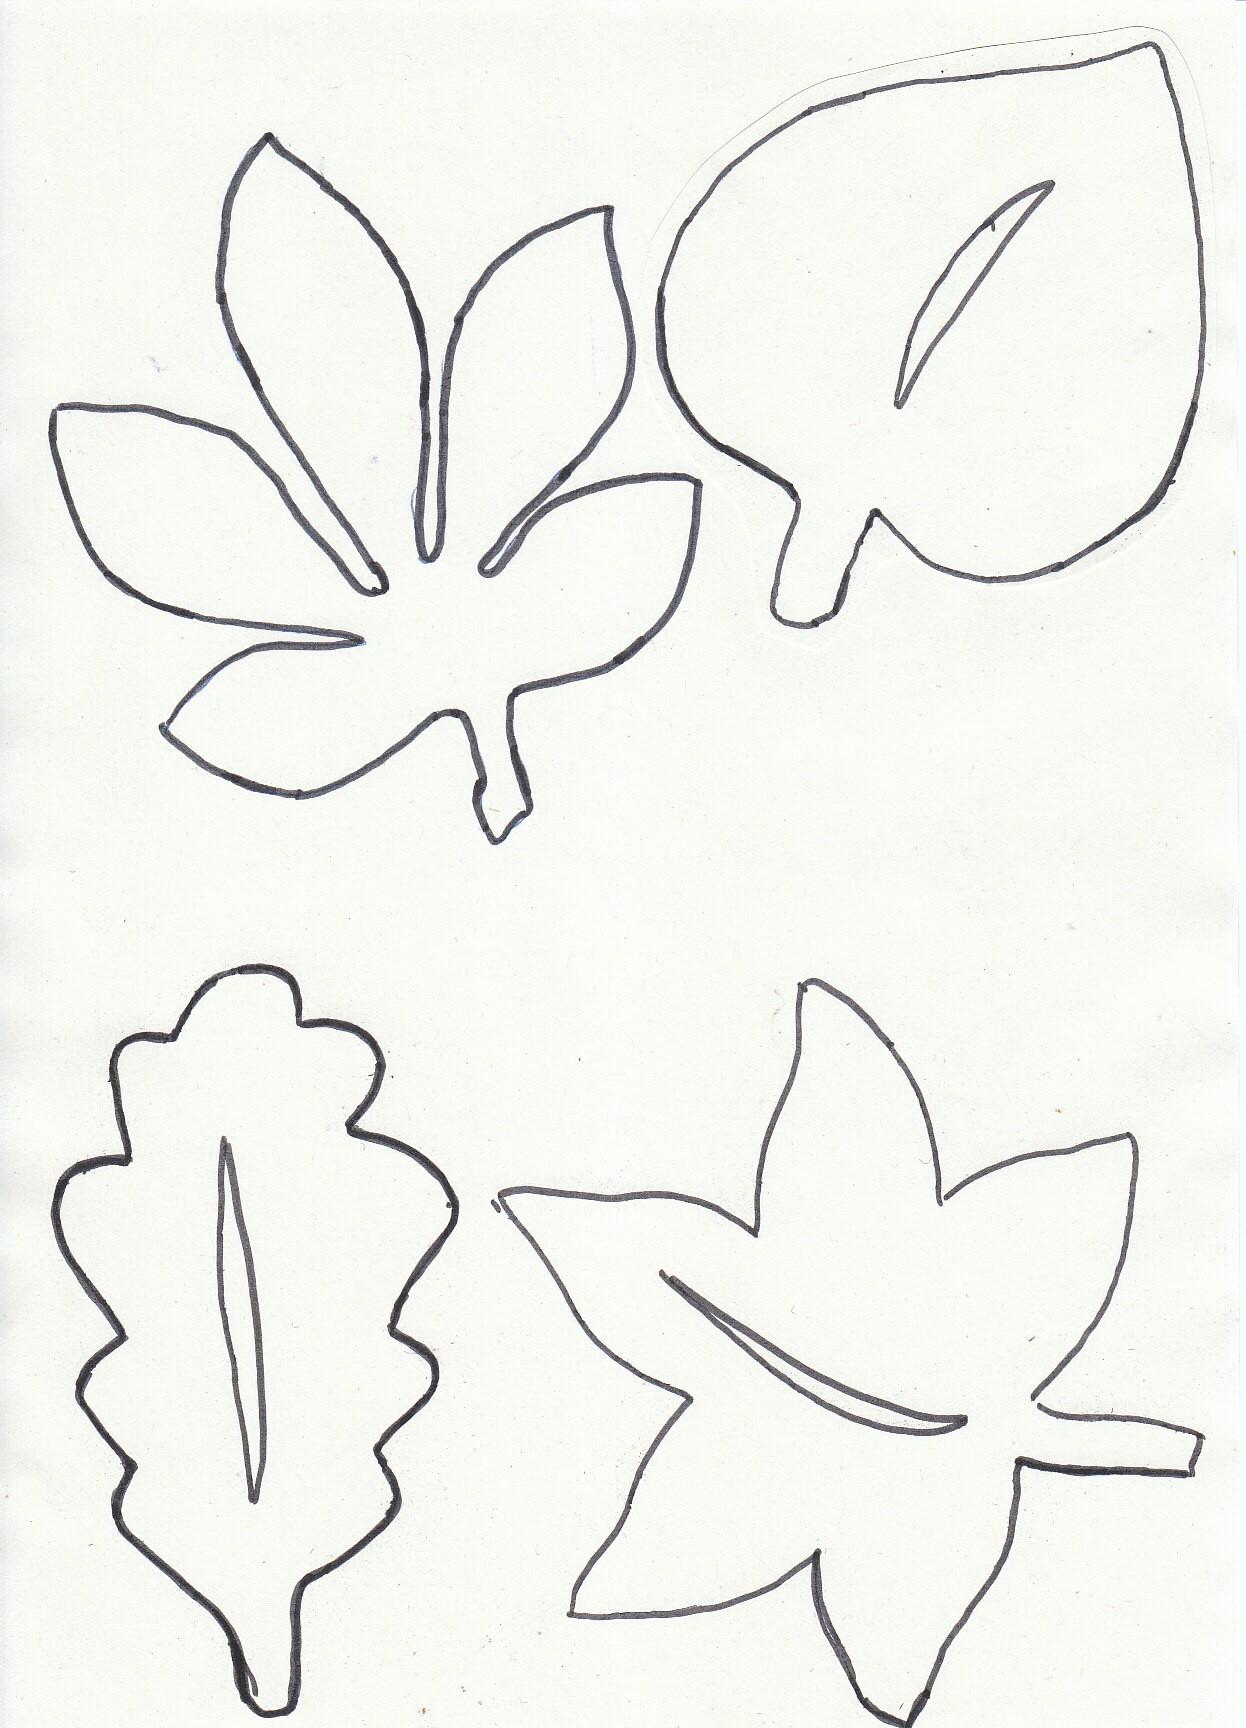 Blätter Schablonen Drucken. Herbstinspirationen Bl Tter Zum für Schablonen Zum Ausdrucken Kostenlos